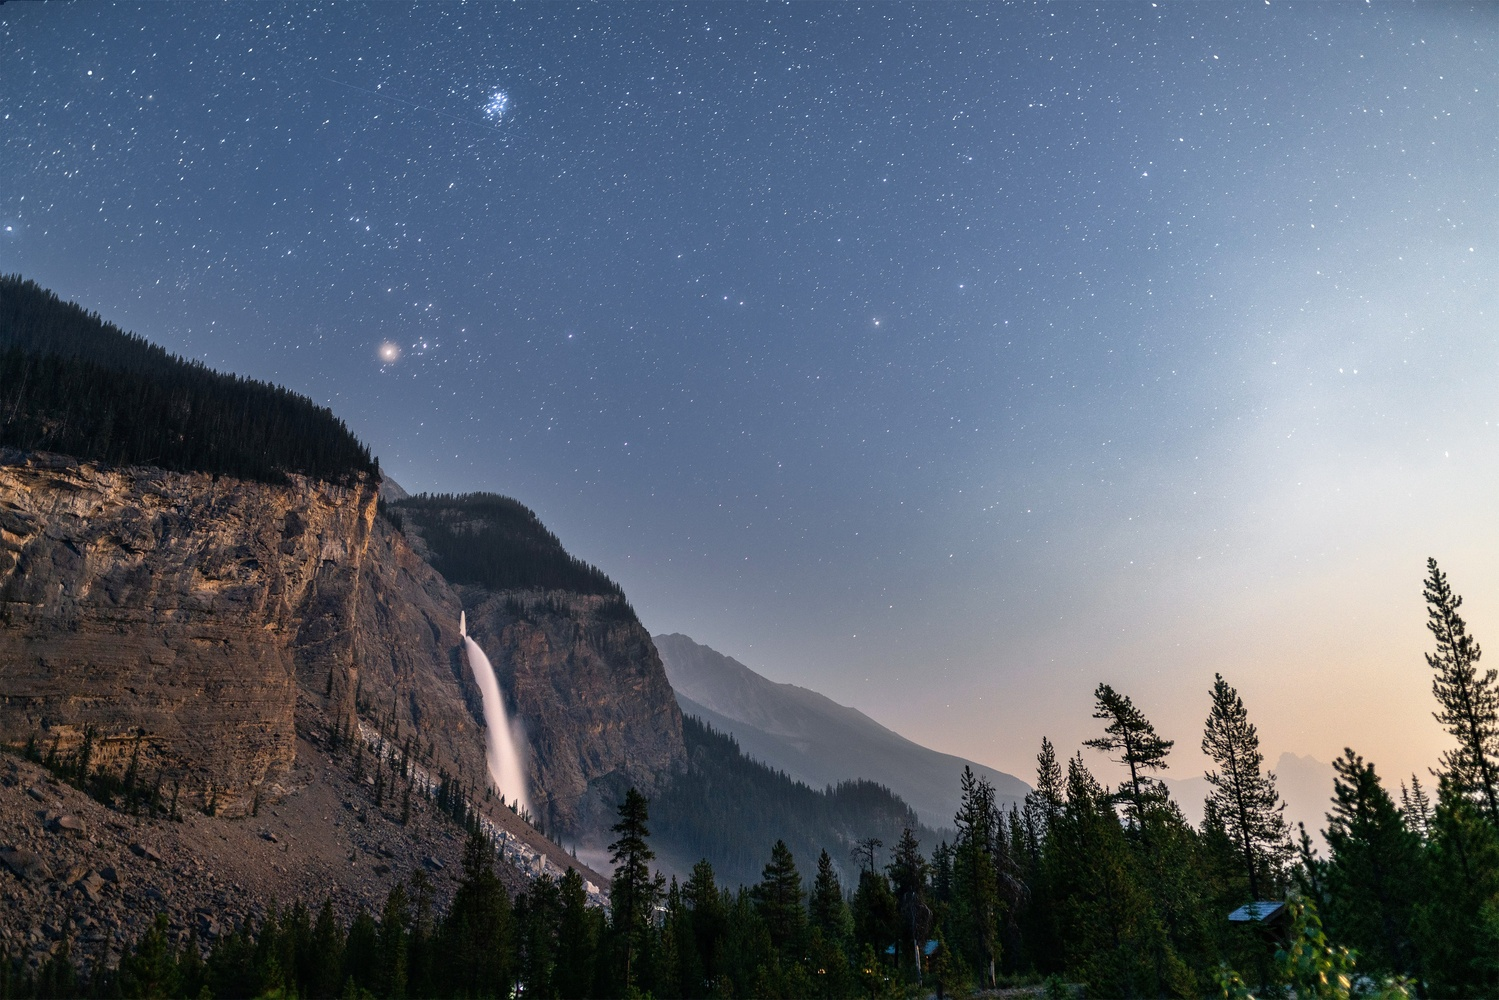 Takakkaw Falls x Moonset by Jordan Van Wyk